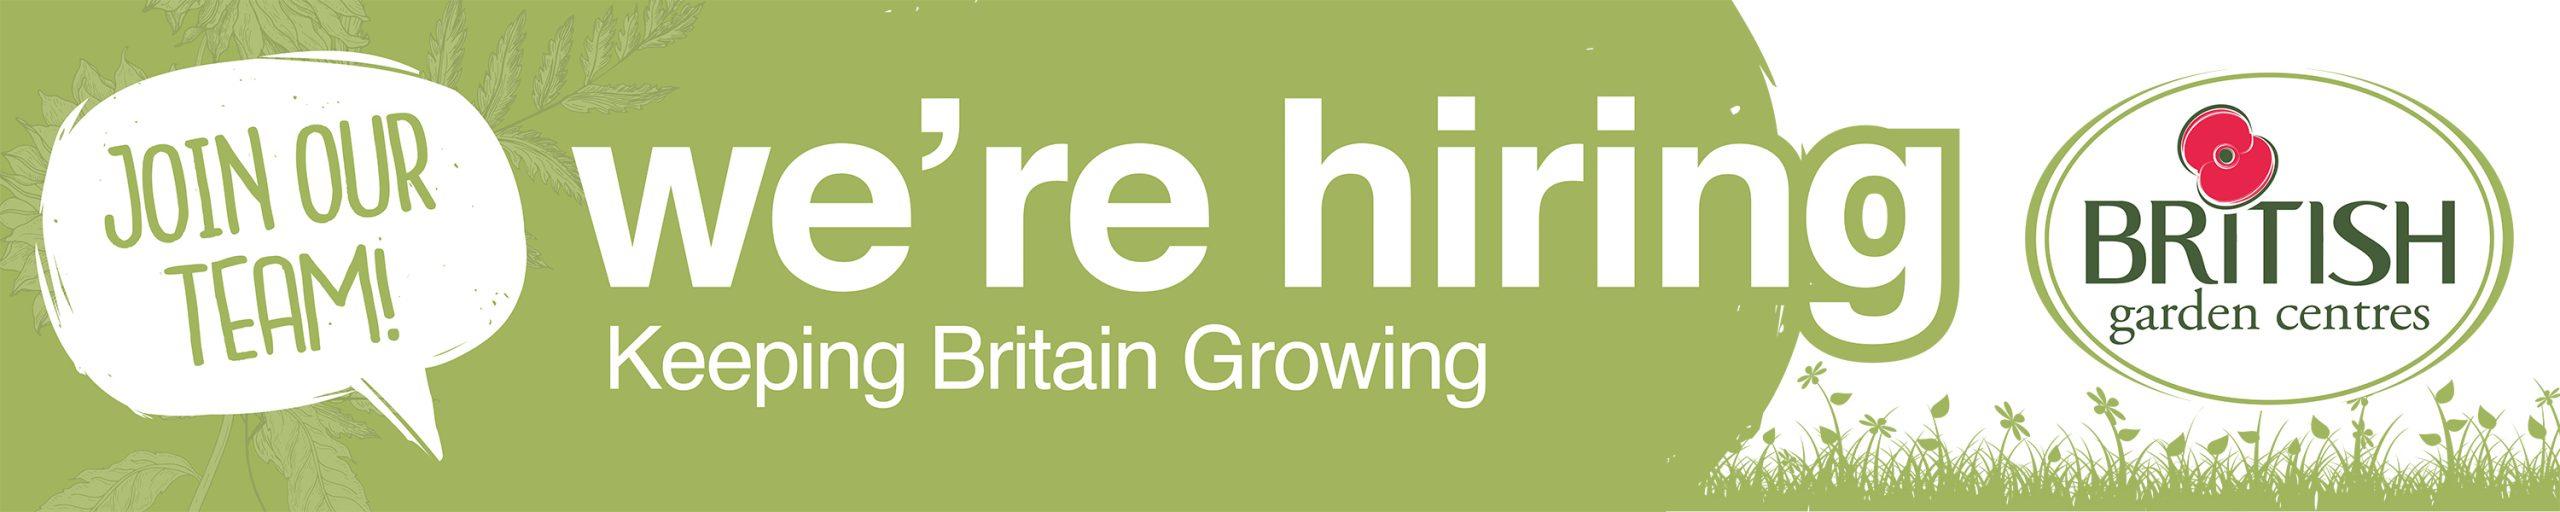 Recruitment banner